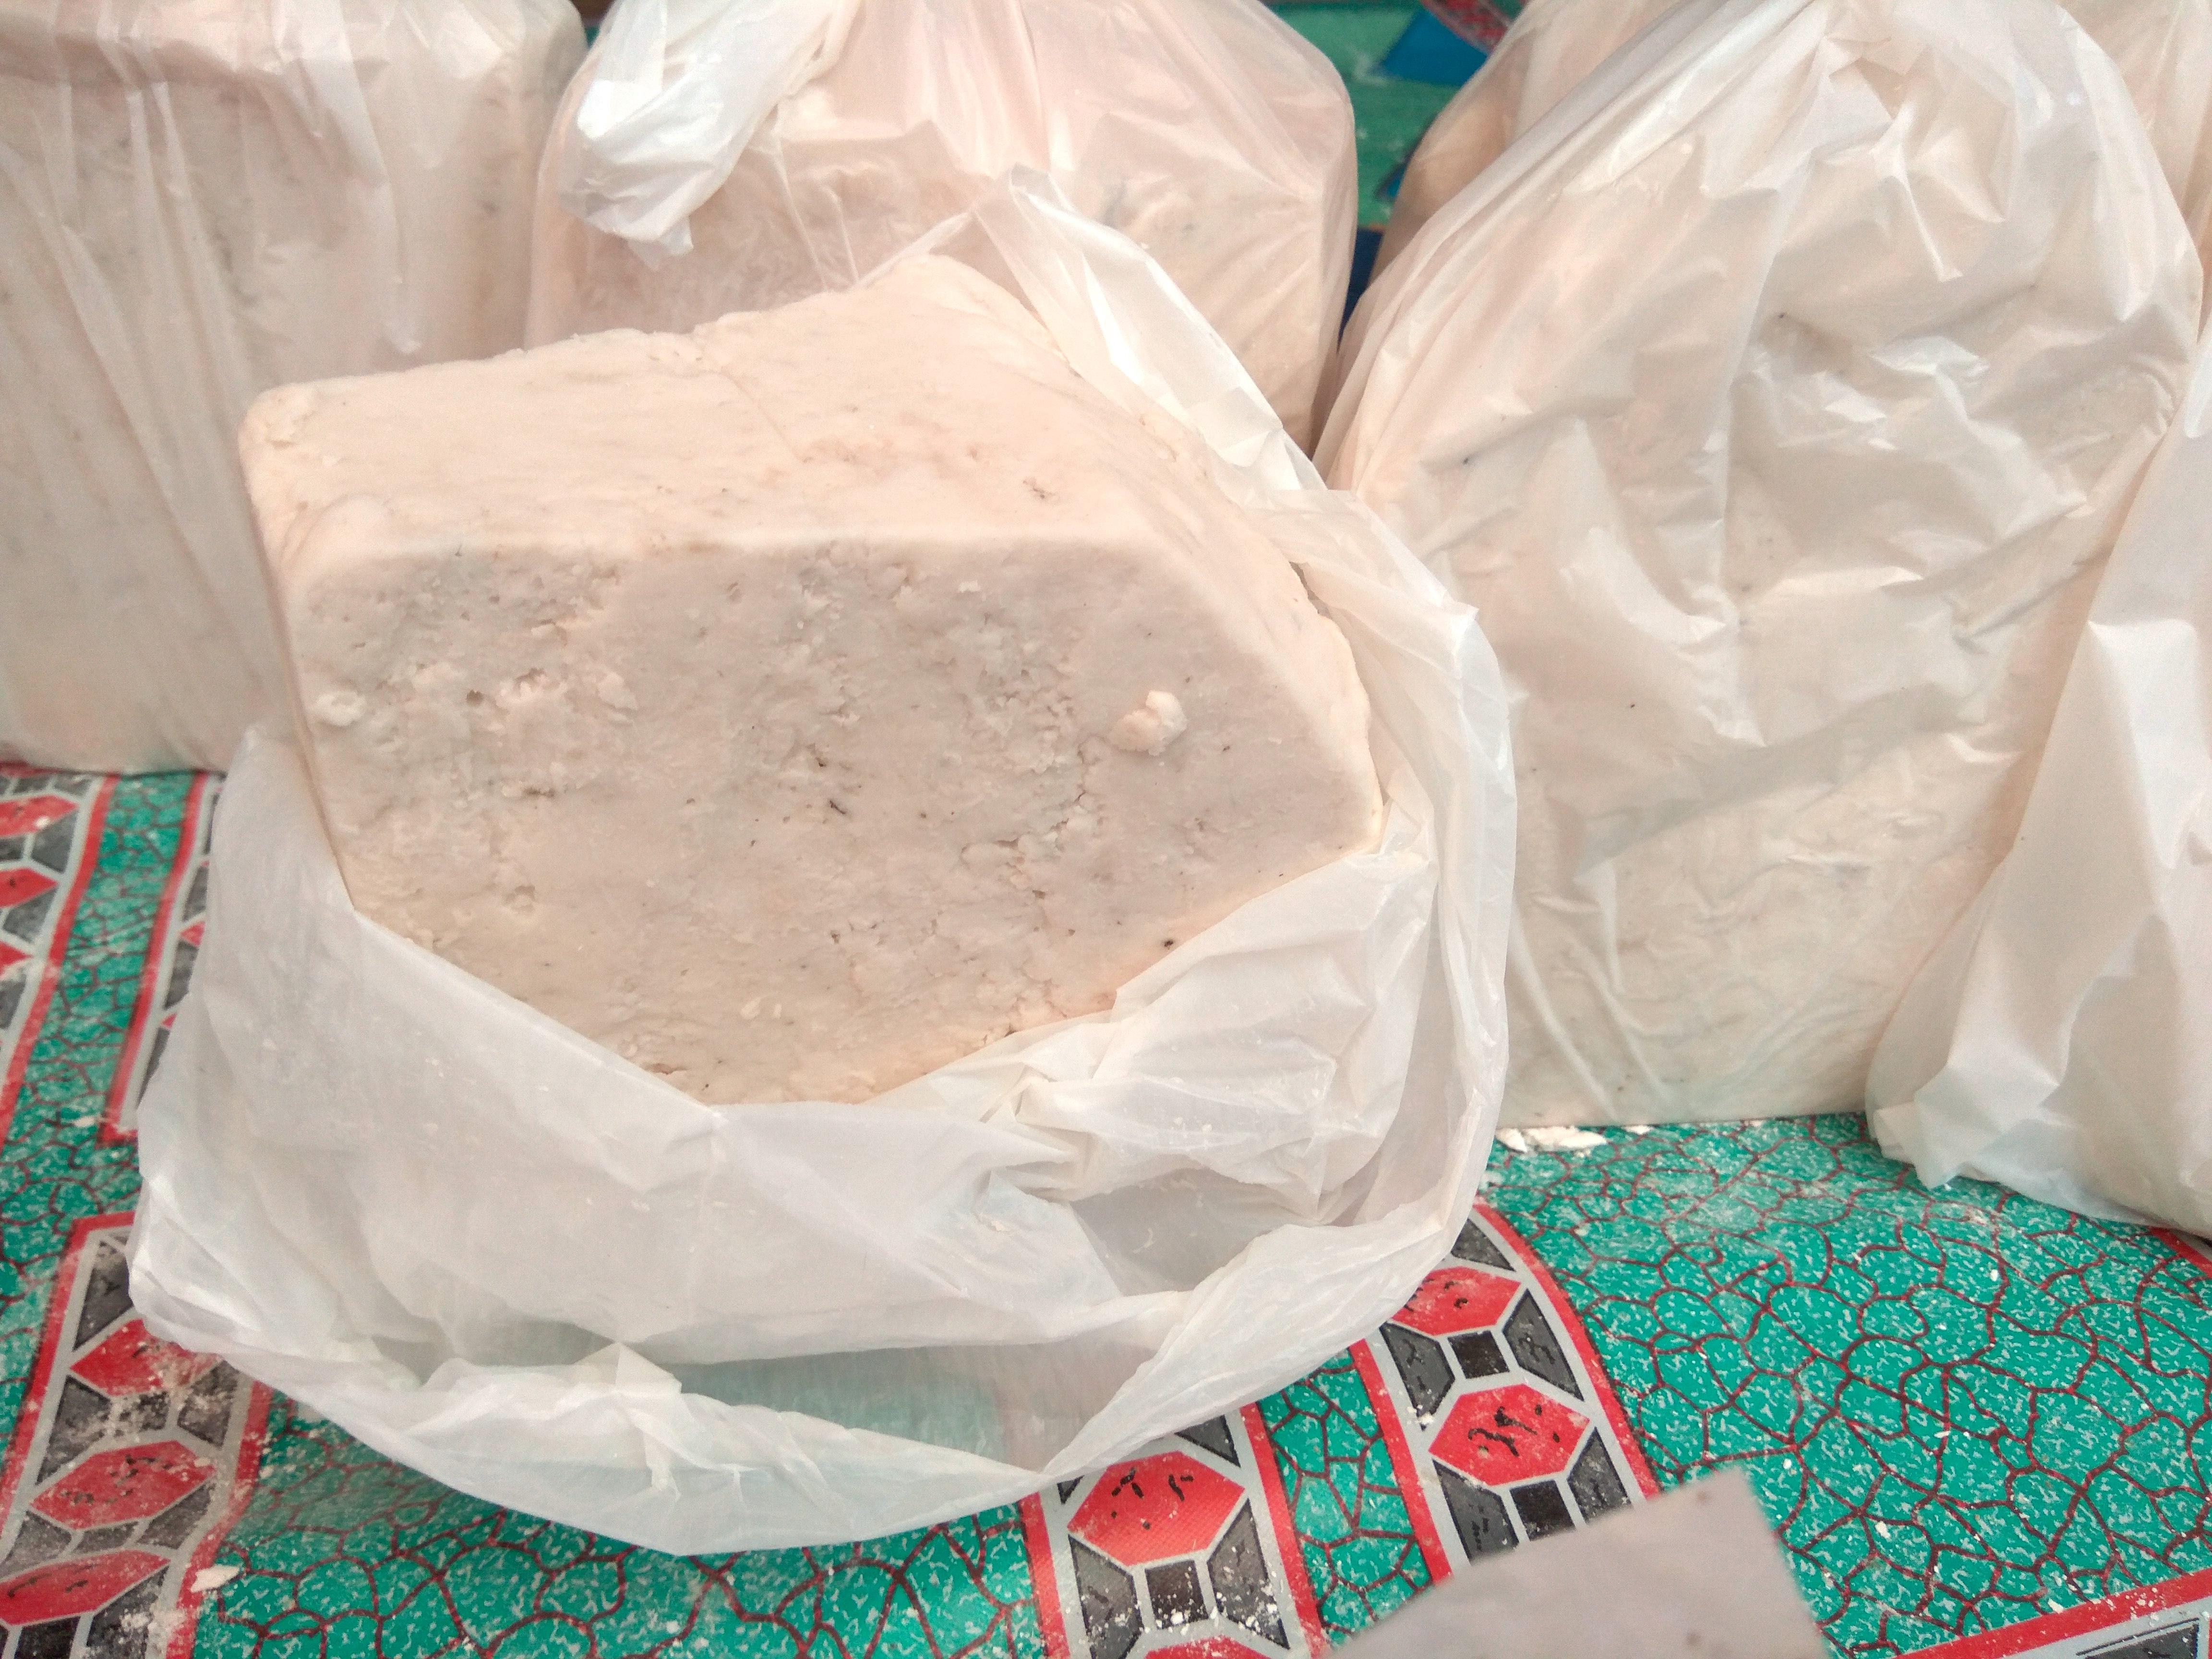 SAGU SINGKONG | KASBI | Roti Panggang ala Tidore